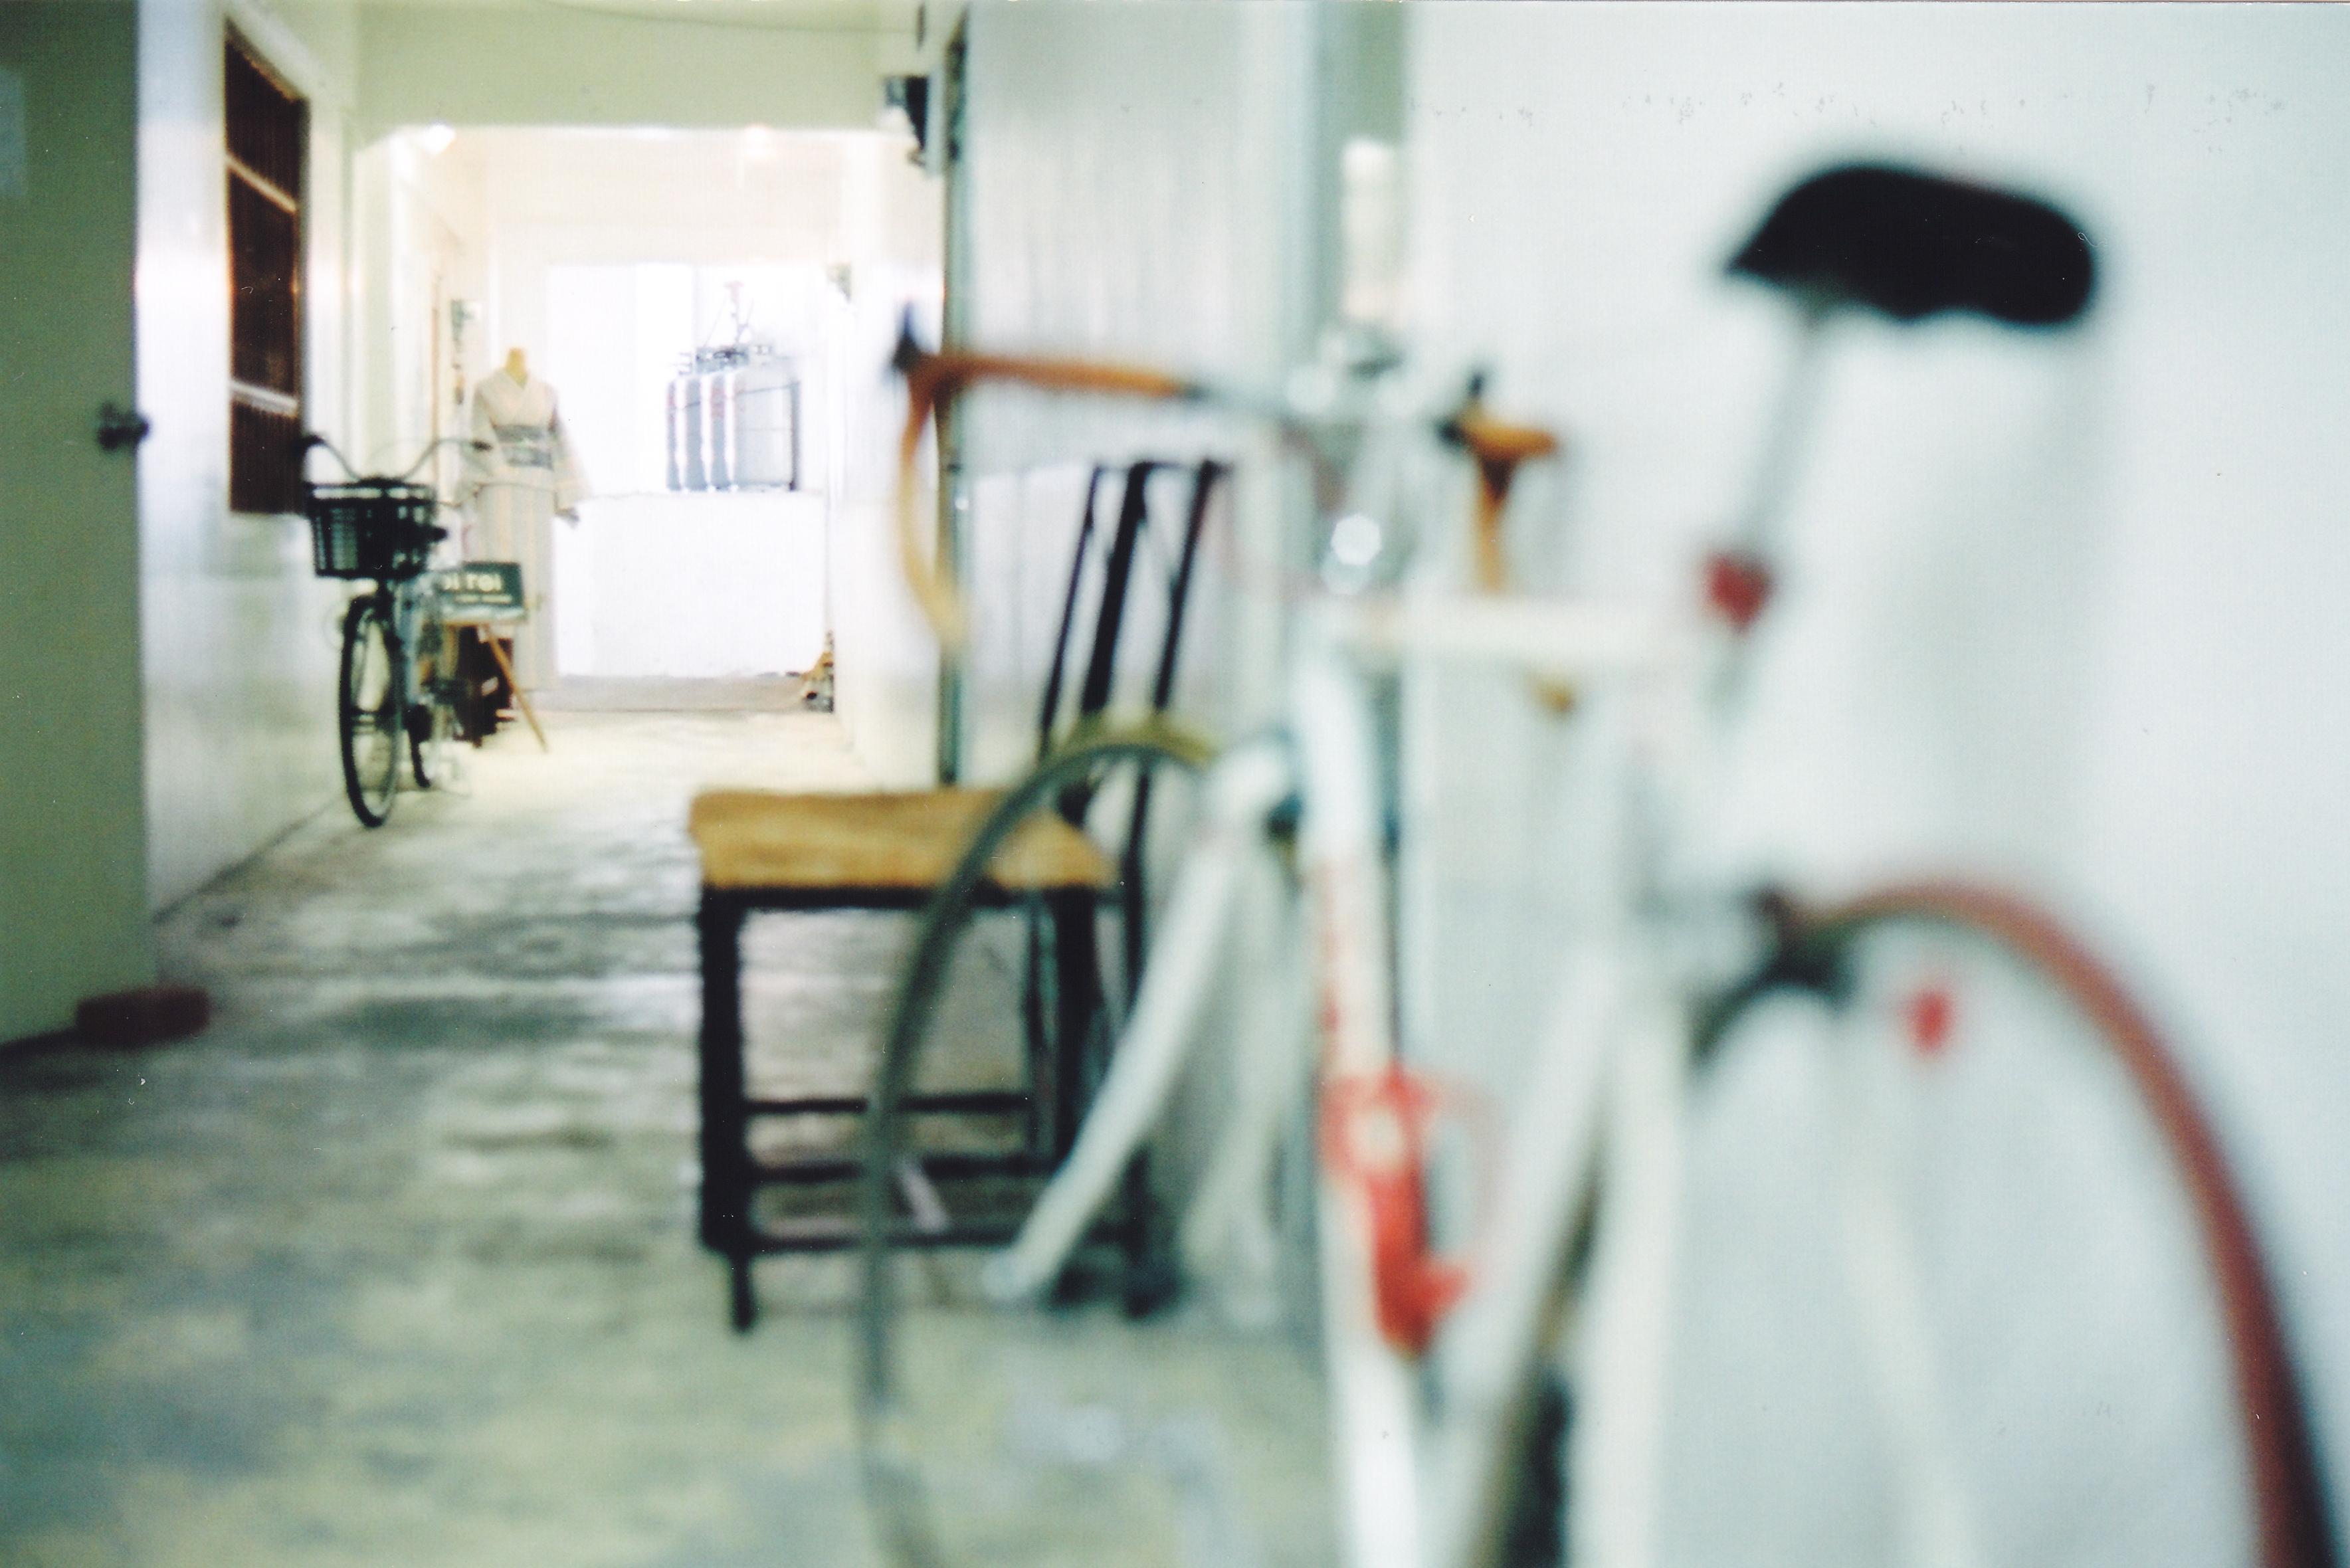 Fondos De Pantalla Bicicleta Veh Culo Silla Nikon Bokeh  # Muebles Bicicleta